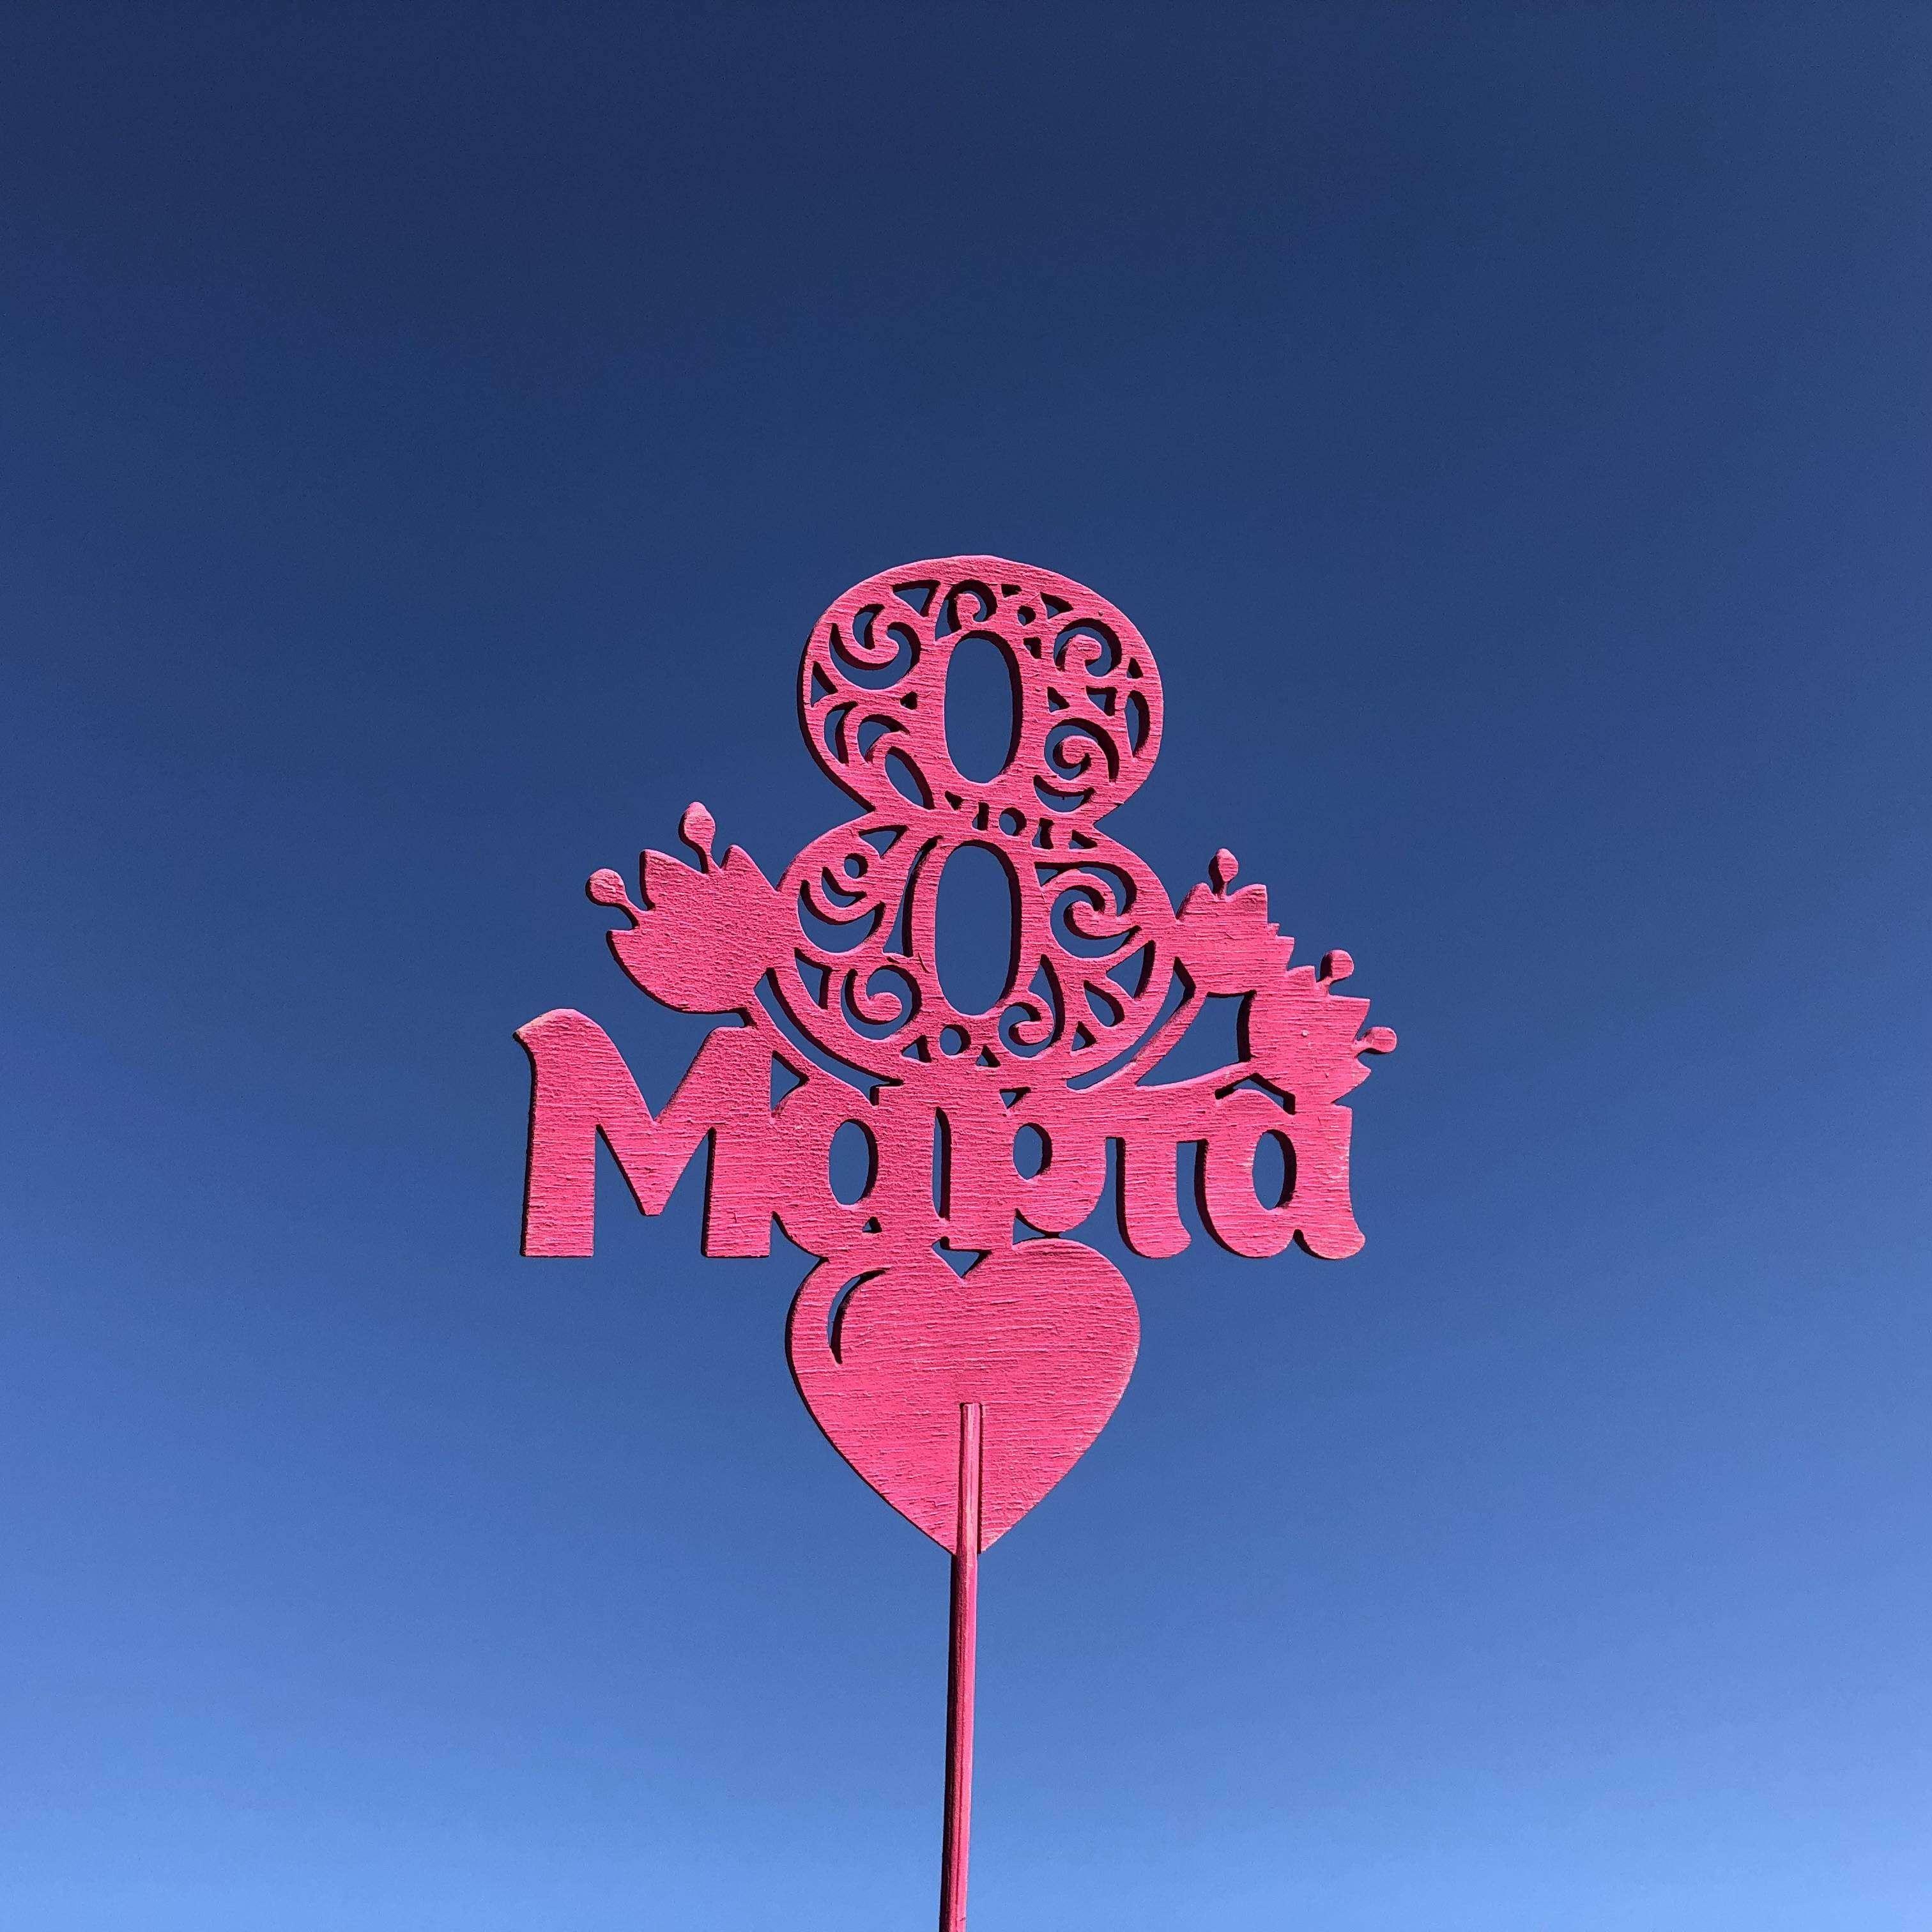 C 8 Марта «ТИП2» Топпер с 8 марта, может быть выполнен в различных цветах. Топпер, Топер, с 8 марат, 8 марта, открытка, дерево - Цена, Стоимость - 30 руб.(доставка по всей России)